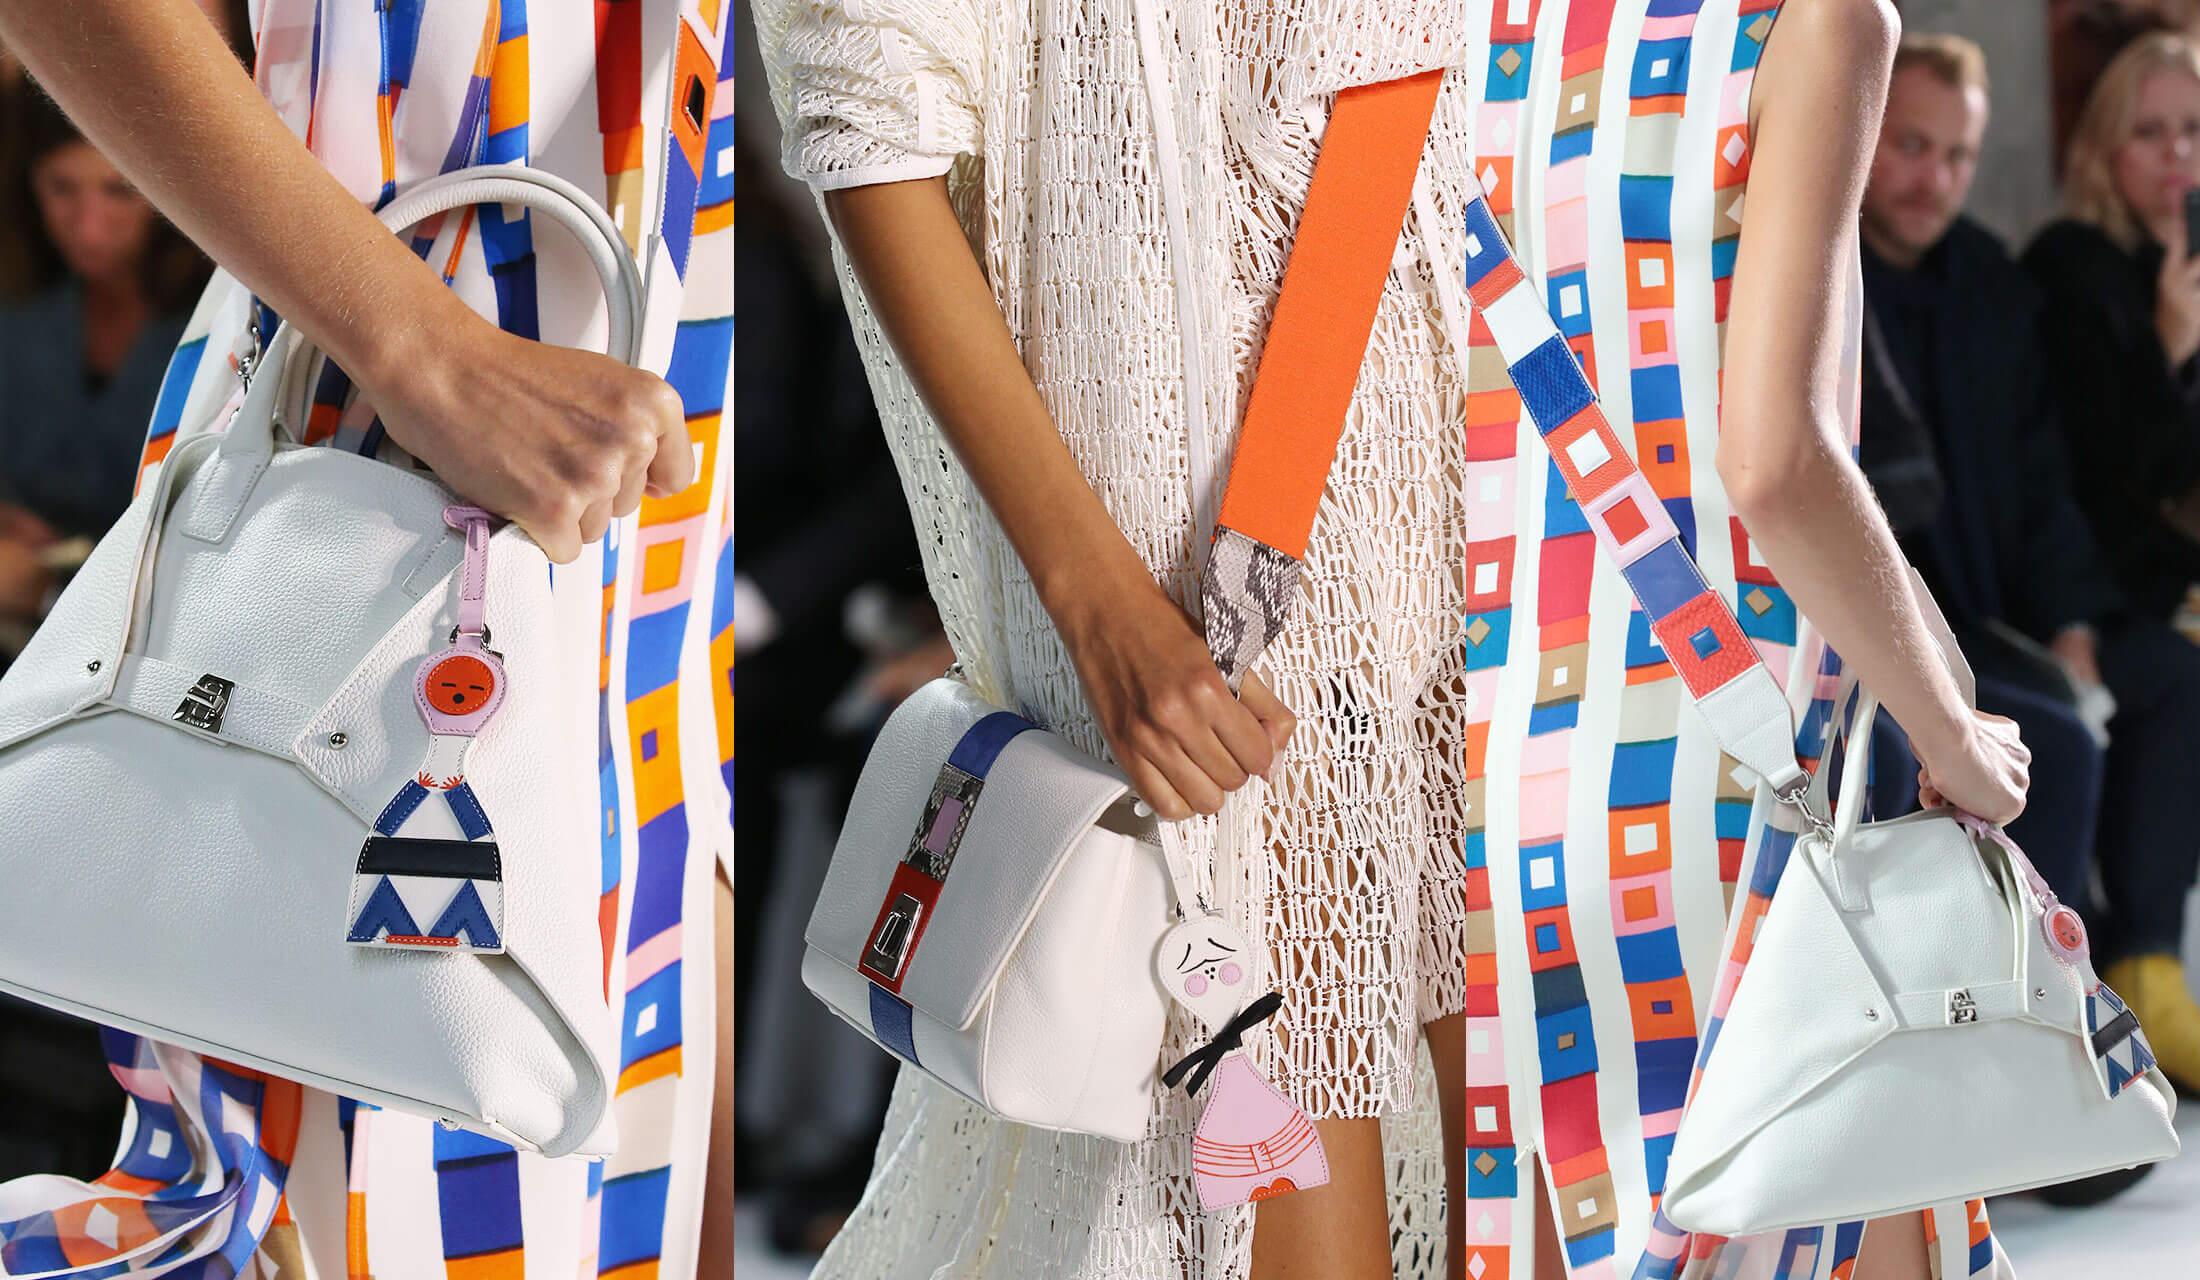 アクリス(AKRIS)のバッグ「アイ スモール メッセンジャー」にチャームやストラップをつけているランウェイ